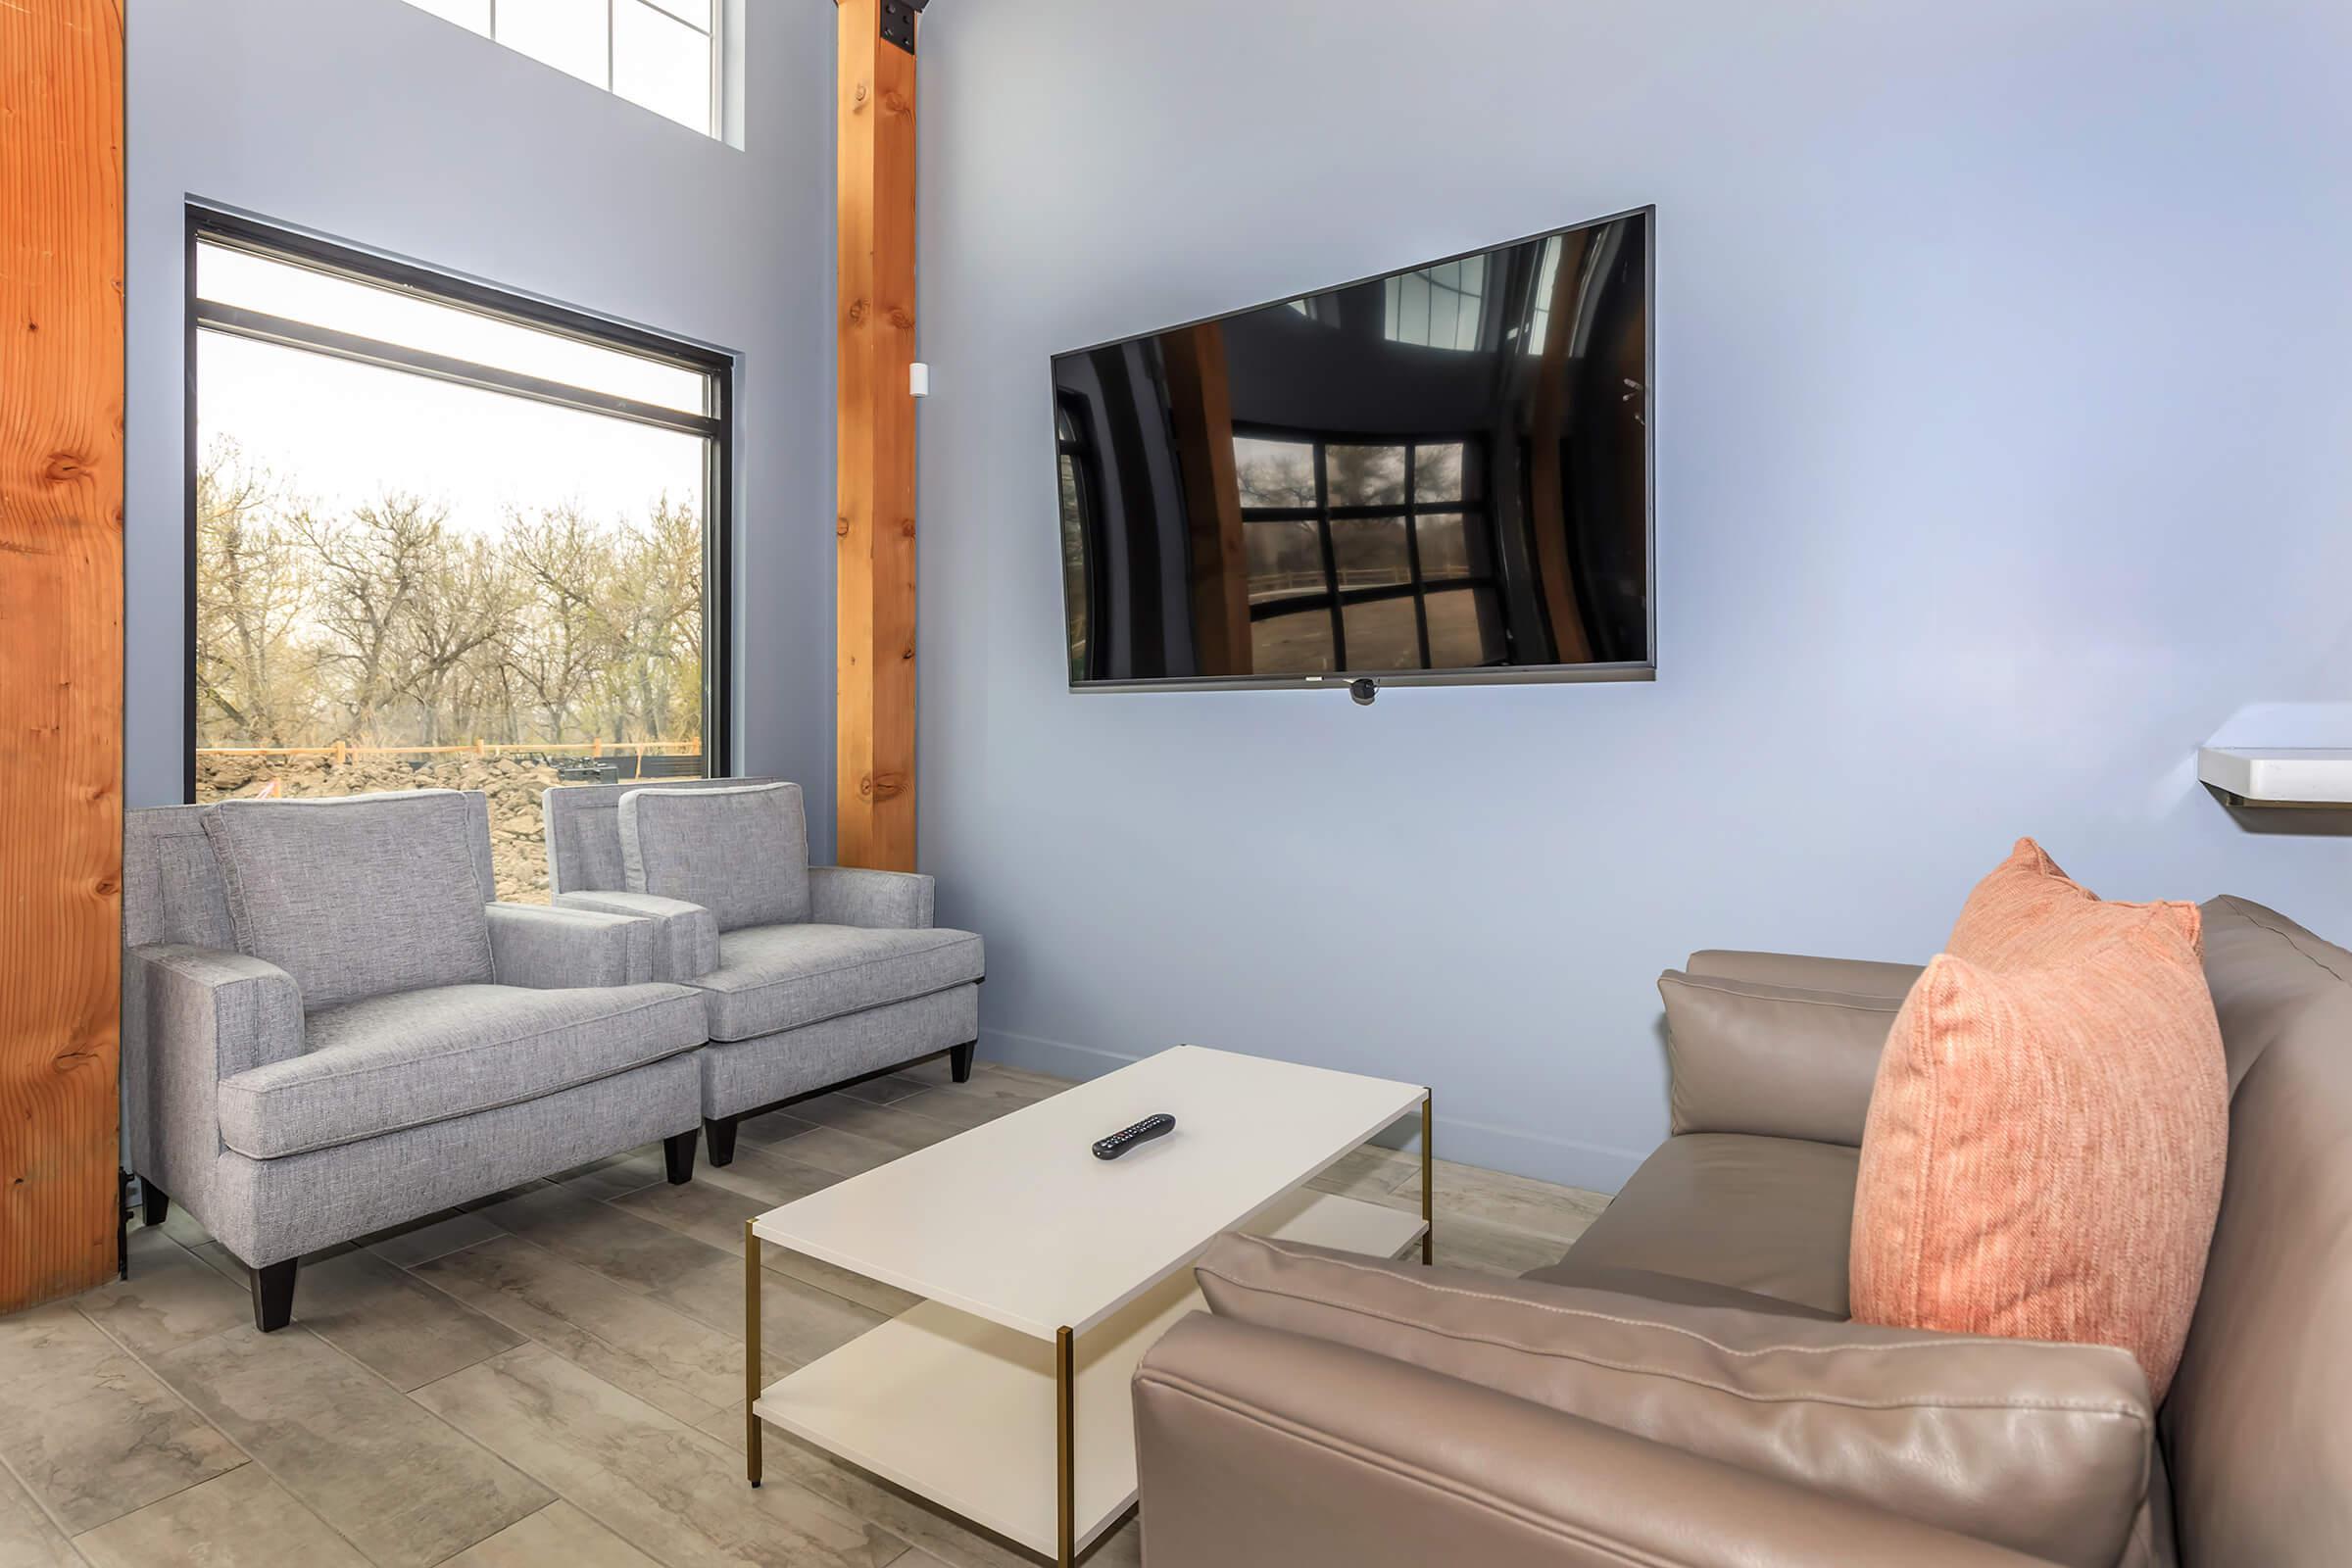 Living Room at The Depot at Twenty Mile in Parker, Co